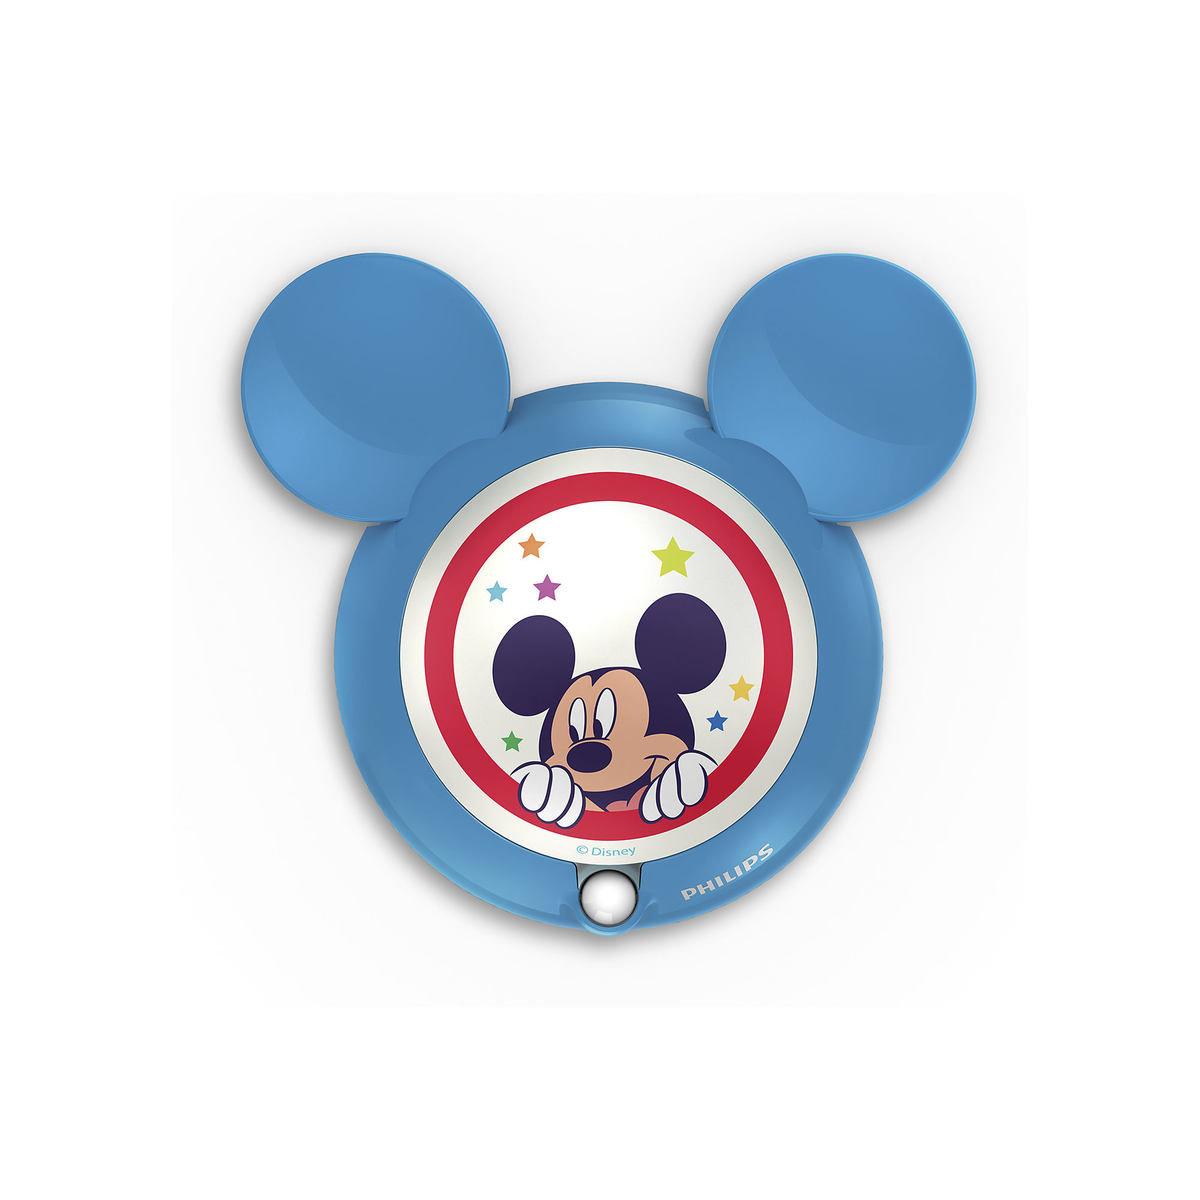 71766 Disney 米奇老鼠感應夜燈